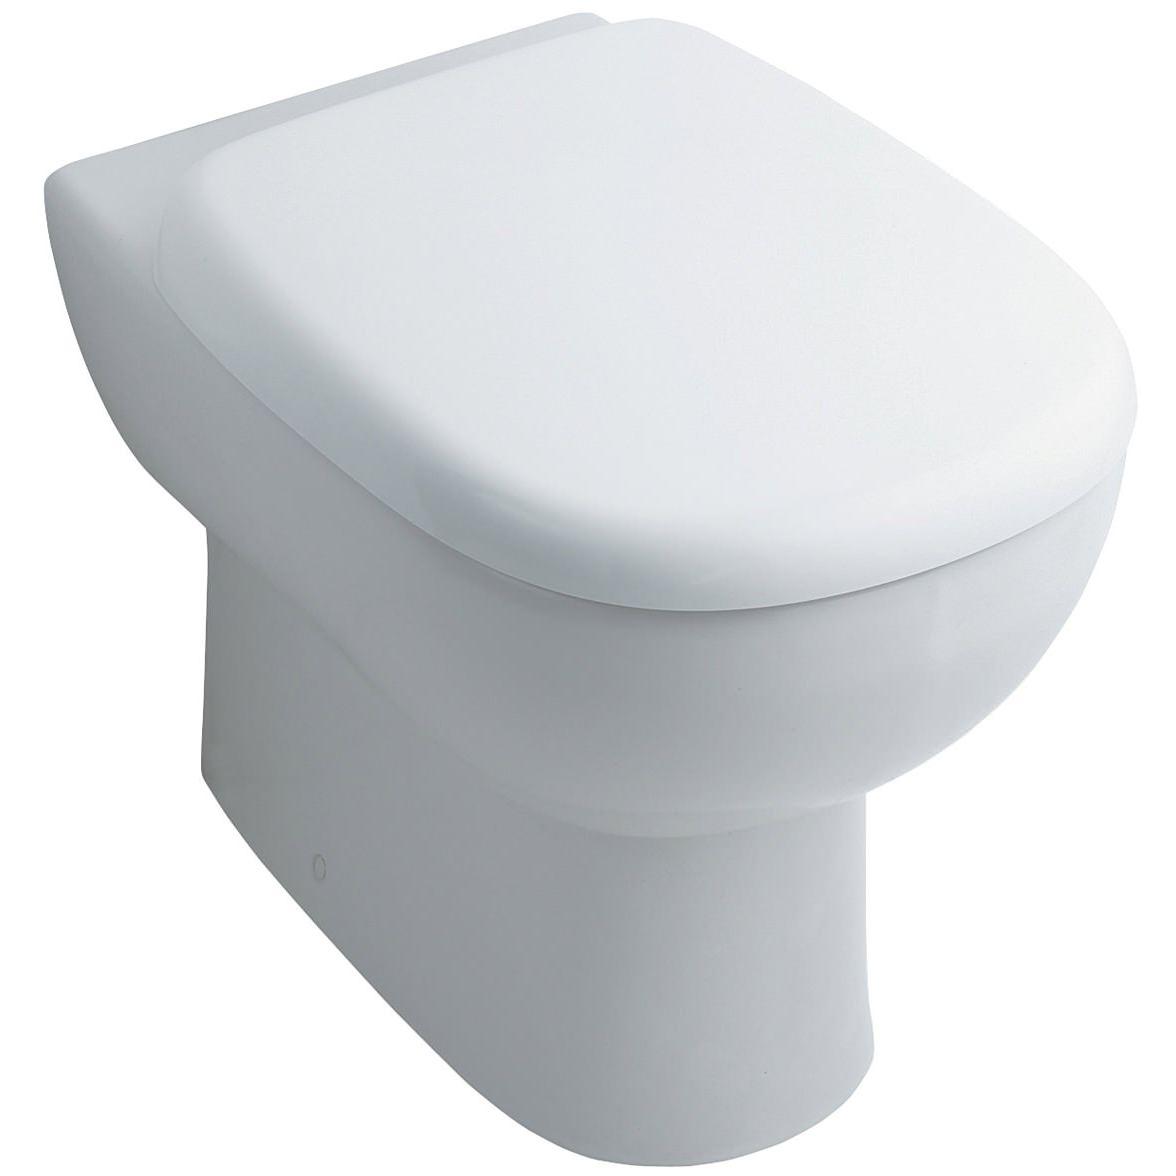 ideal standard jasper morrison back to wall wc 545mm e622101. Black Bedroom Furniture Sets. Home Design Ideas